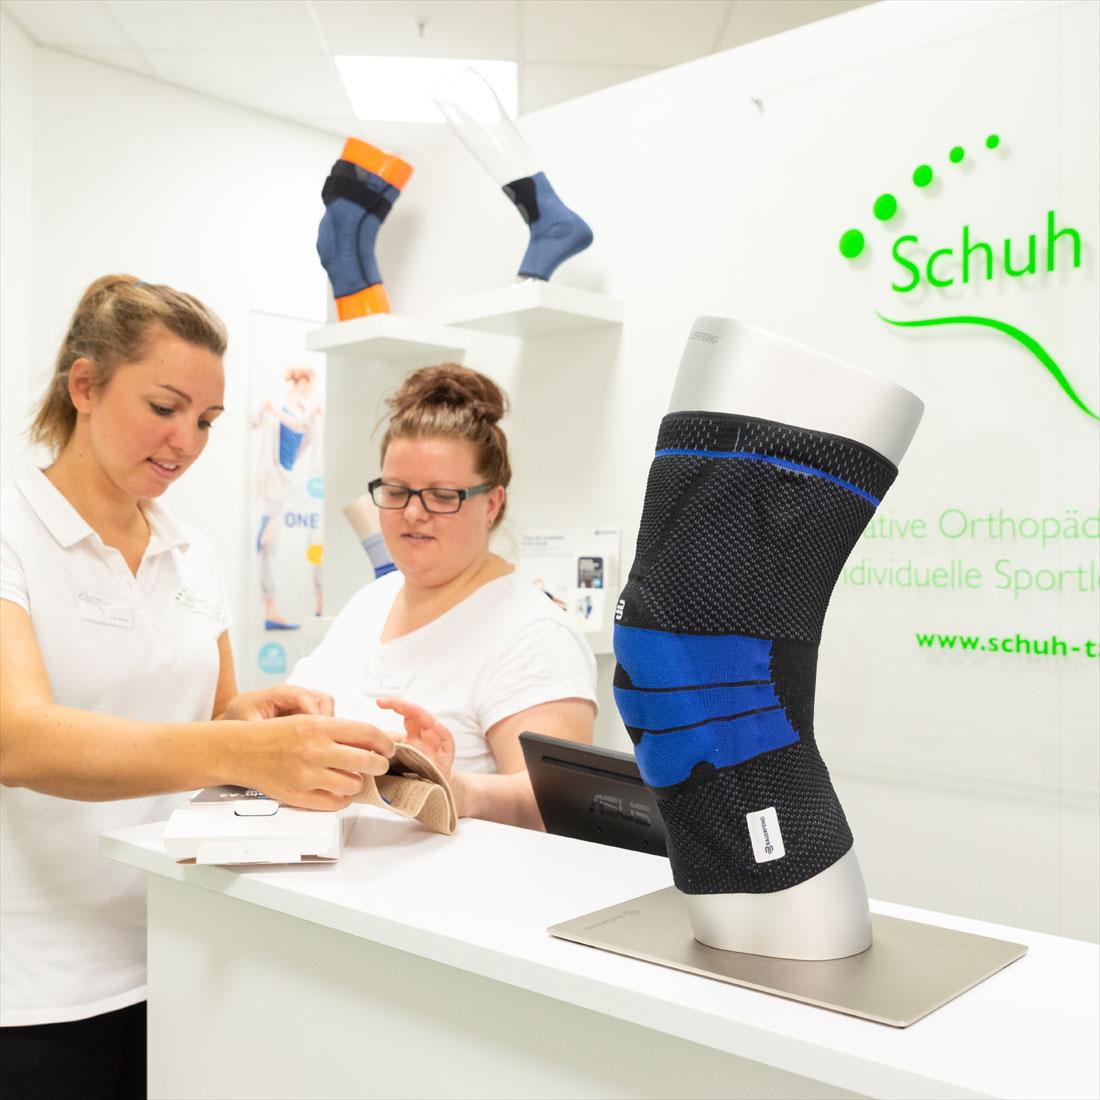 Schuh Tasch, Orthopädie-Schuhtechnik, Bandagen und Orthesen, Verkauf